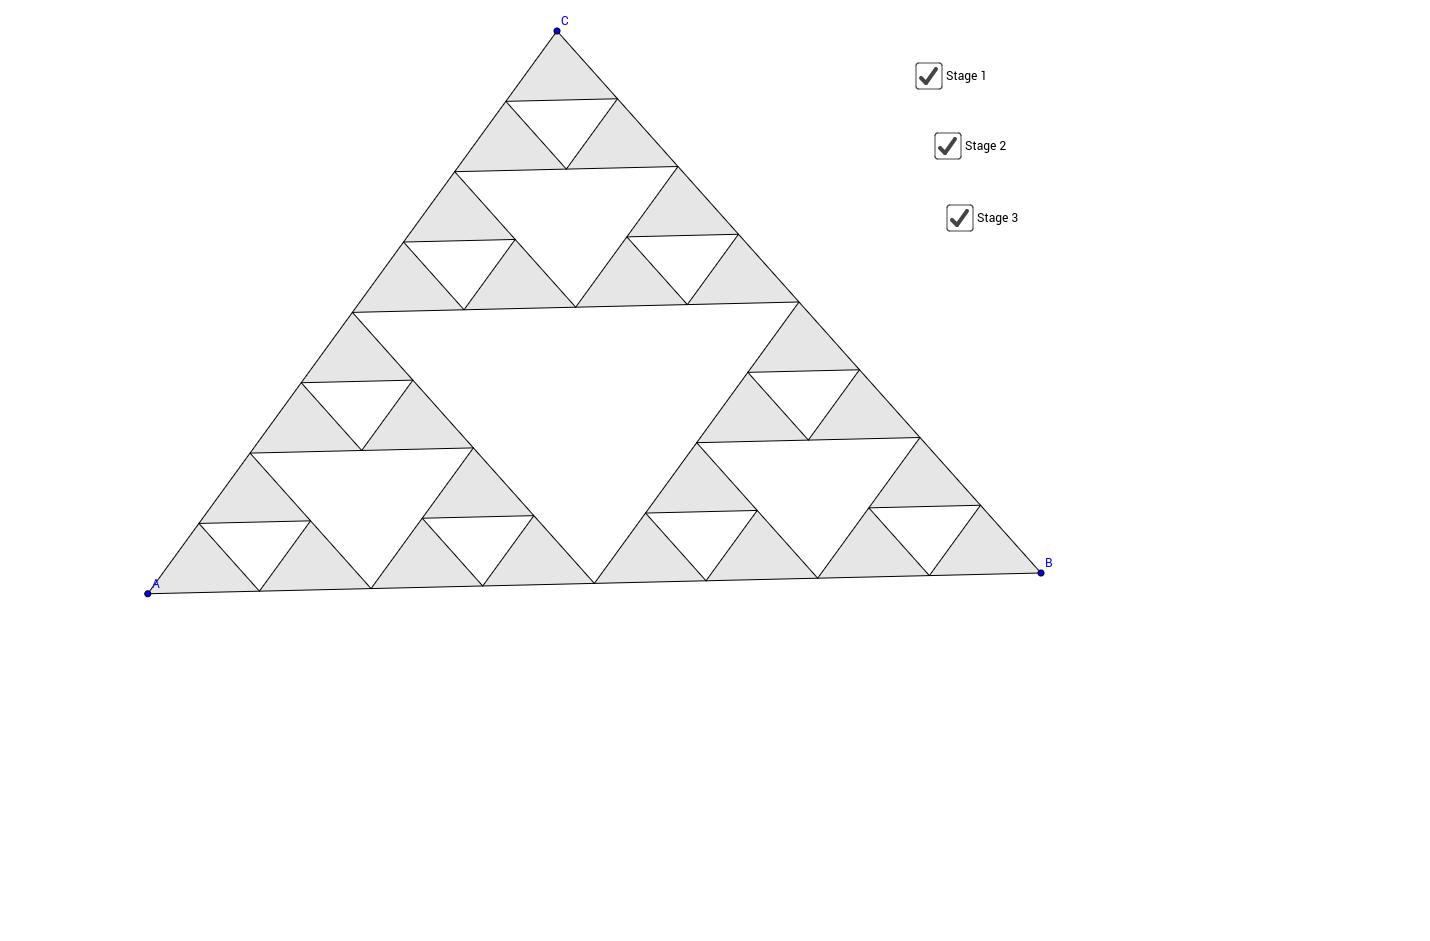 8.4 Sierpinski Triangle